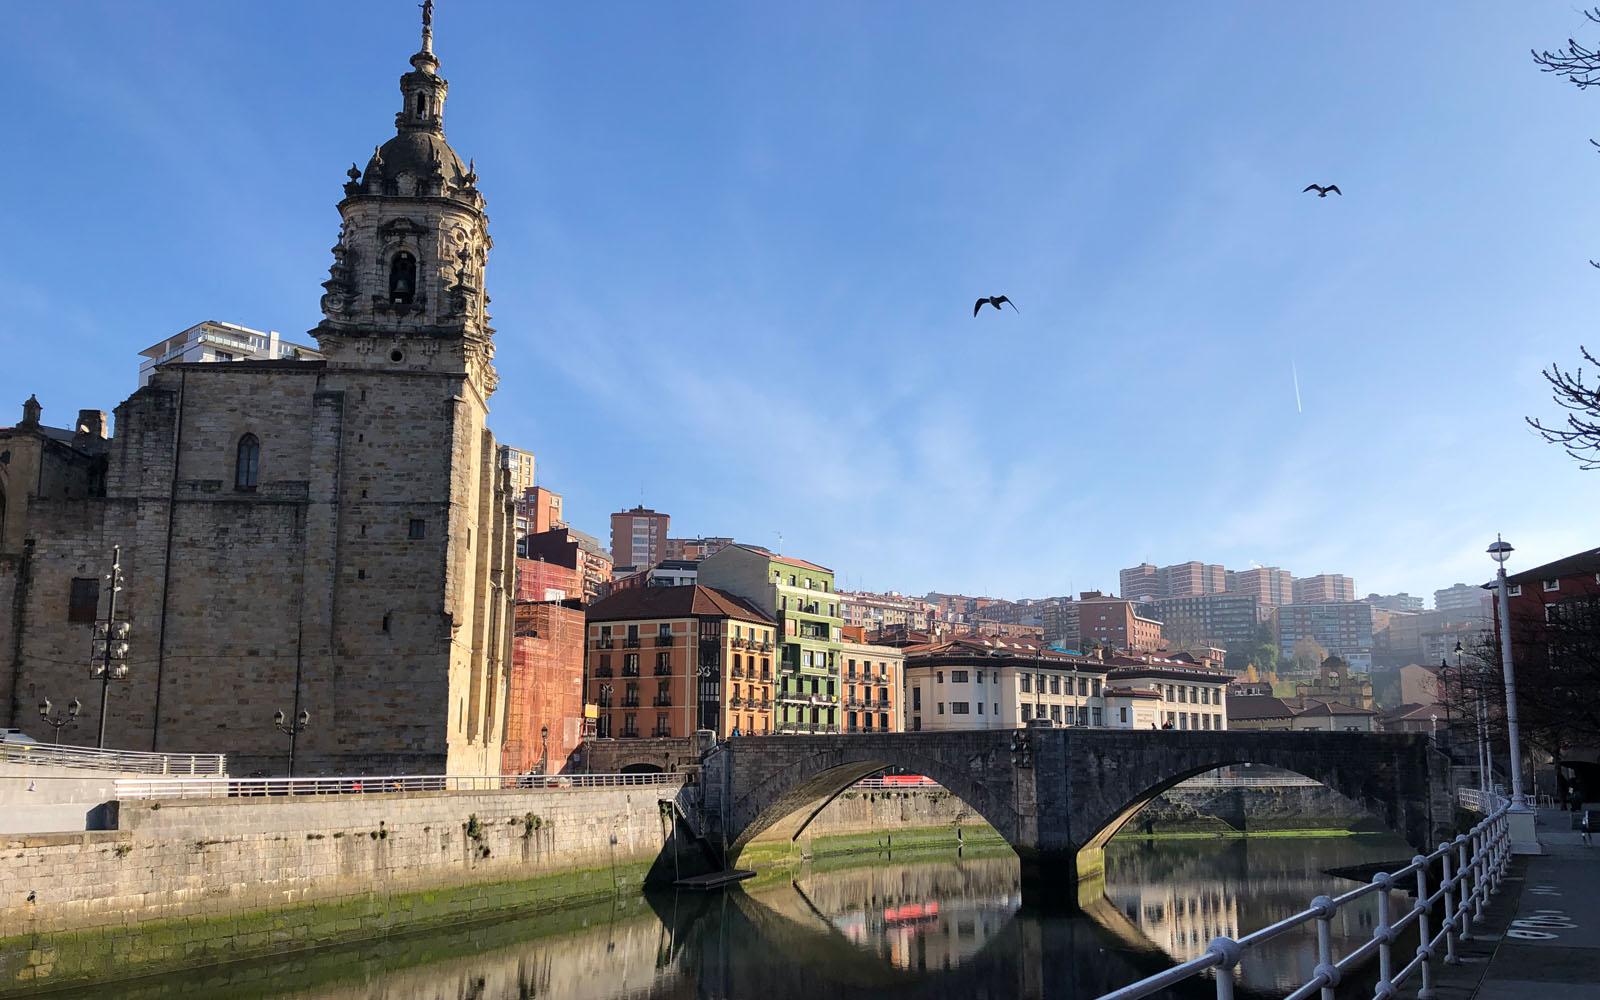 Una veduta del cuore storico della città.